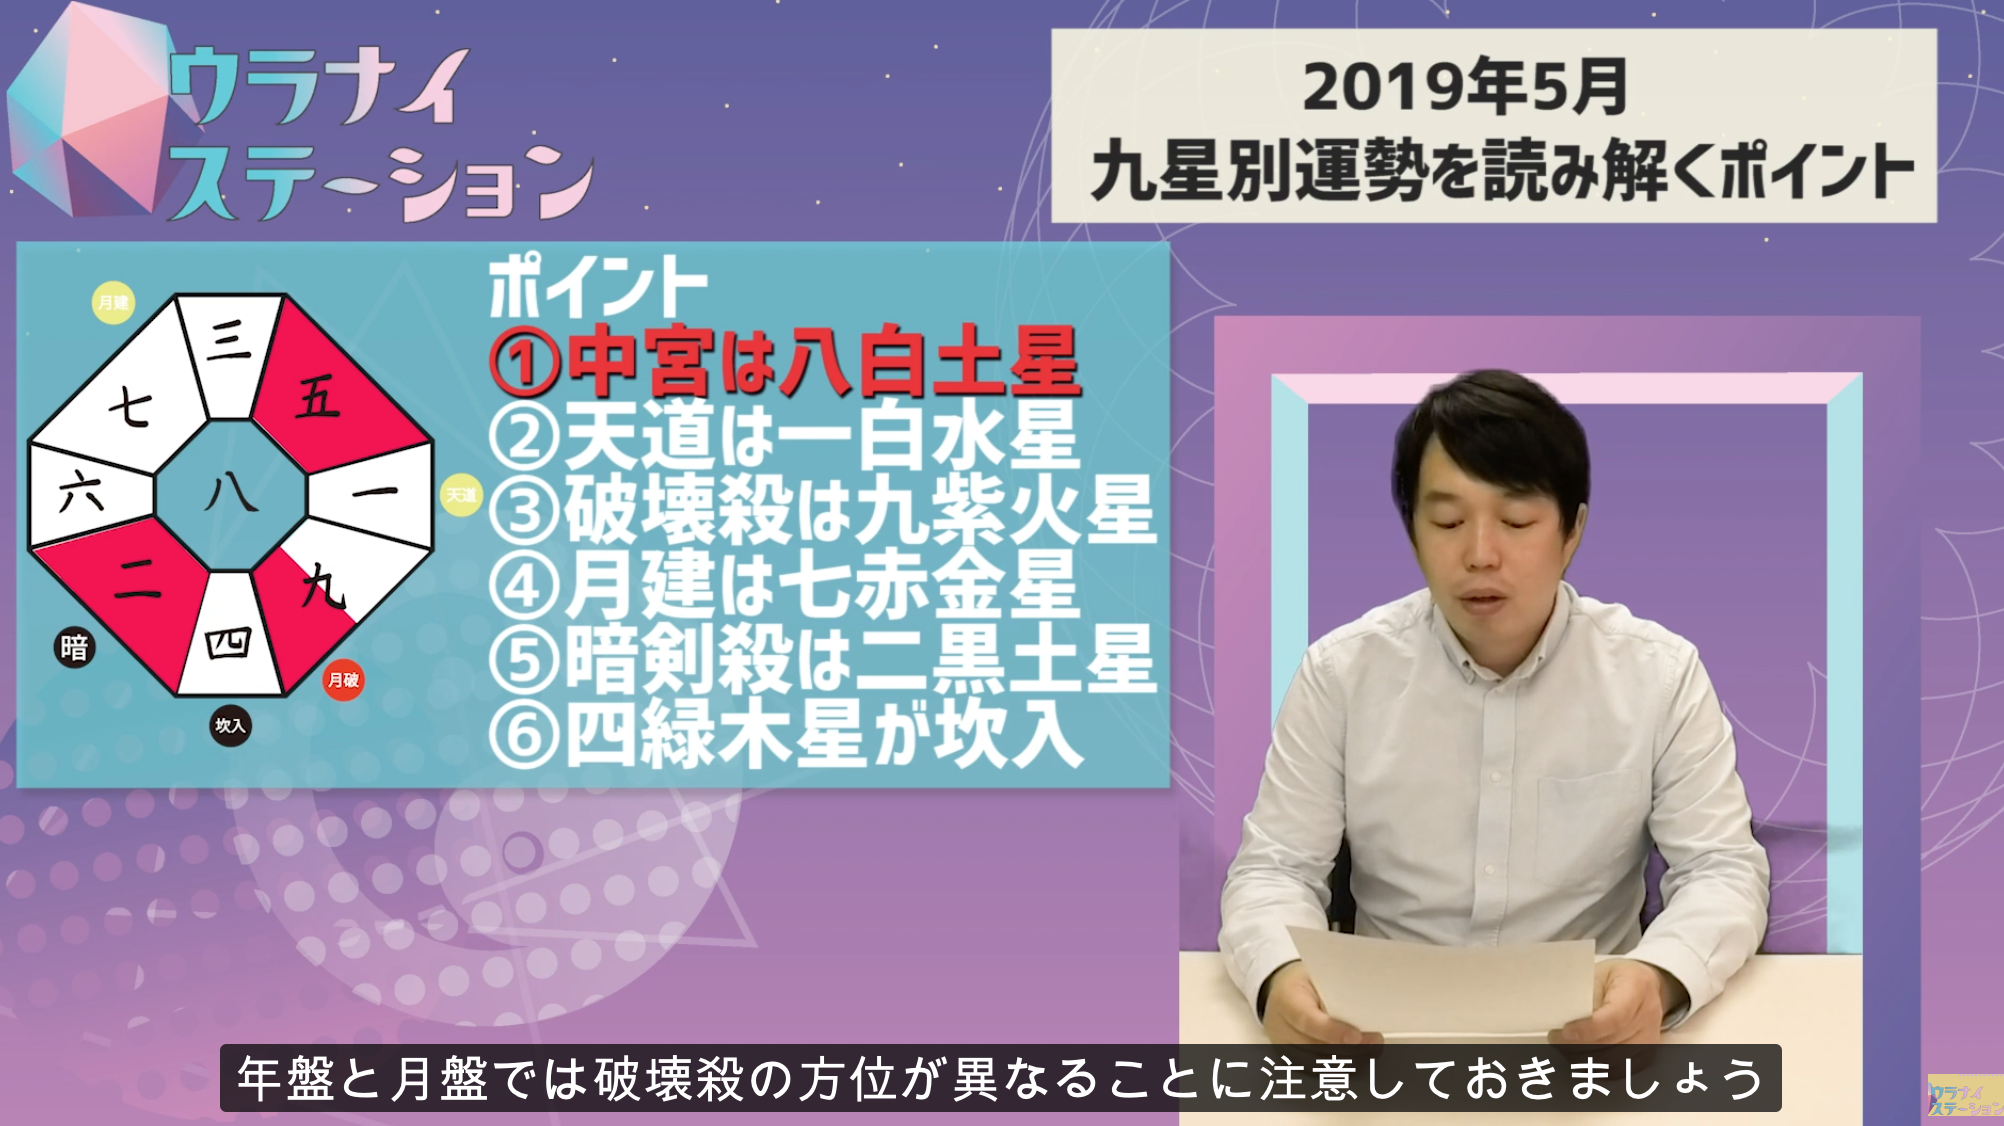 【ウラナイステーション】5月の運勢&特別動画UP//